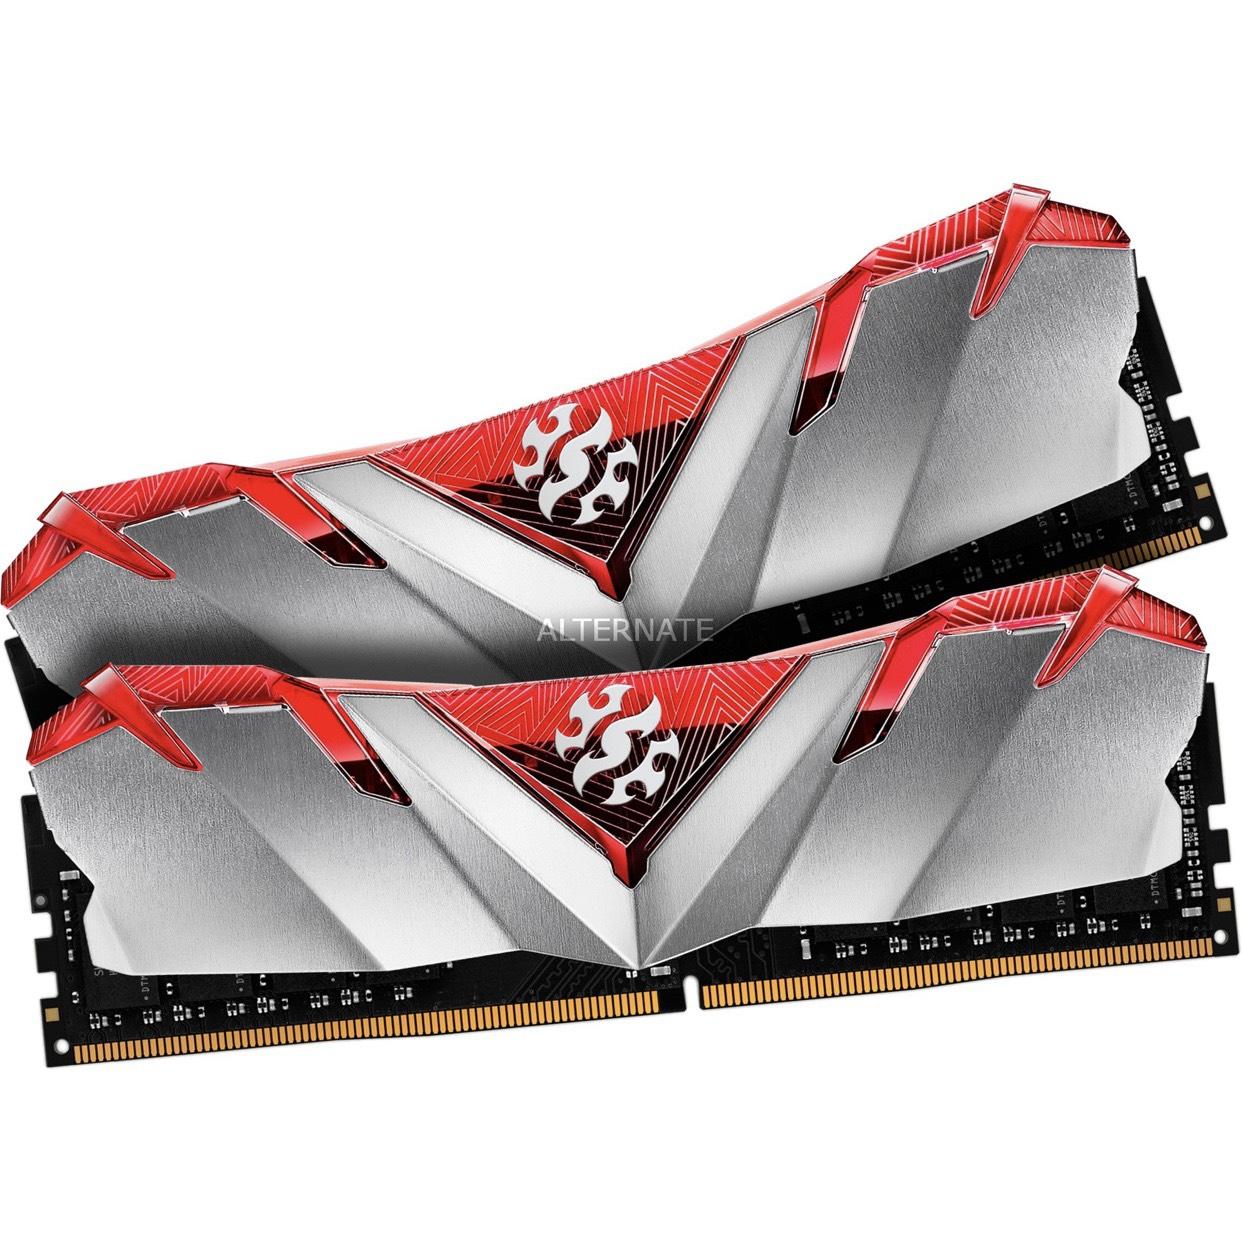 ADATA DIMM 16 GB DDR4-3200 Kit, CL16